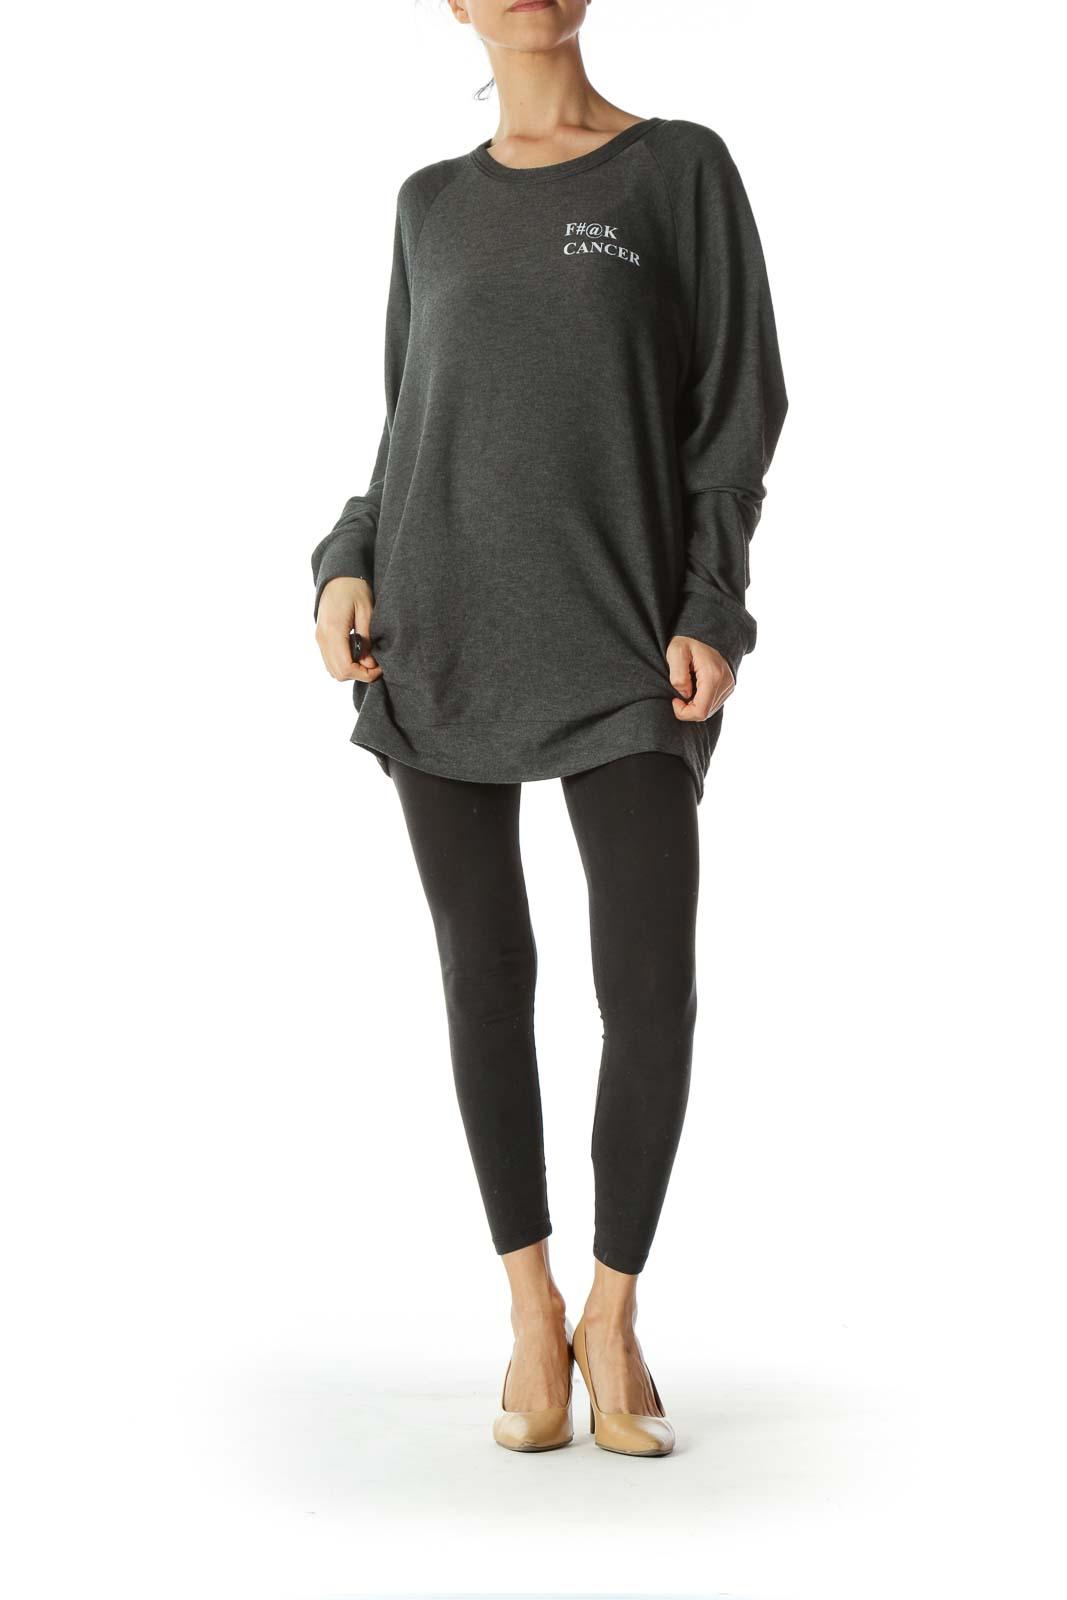 Gray Soft Round-Neck Front-Text Sweatshirt